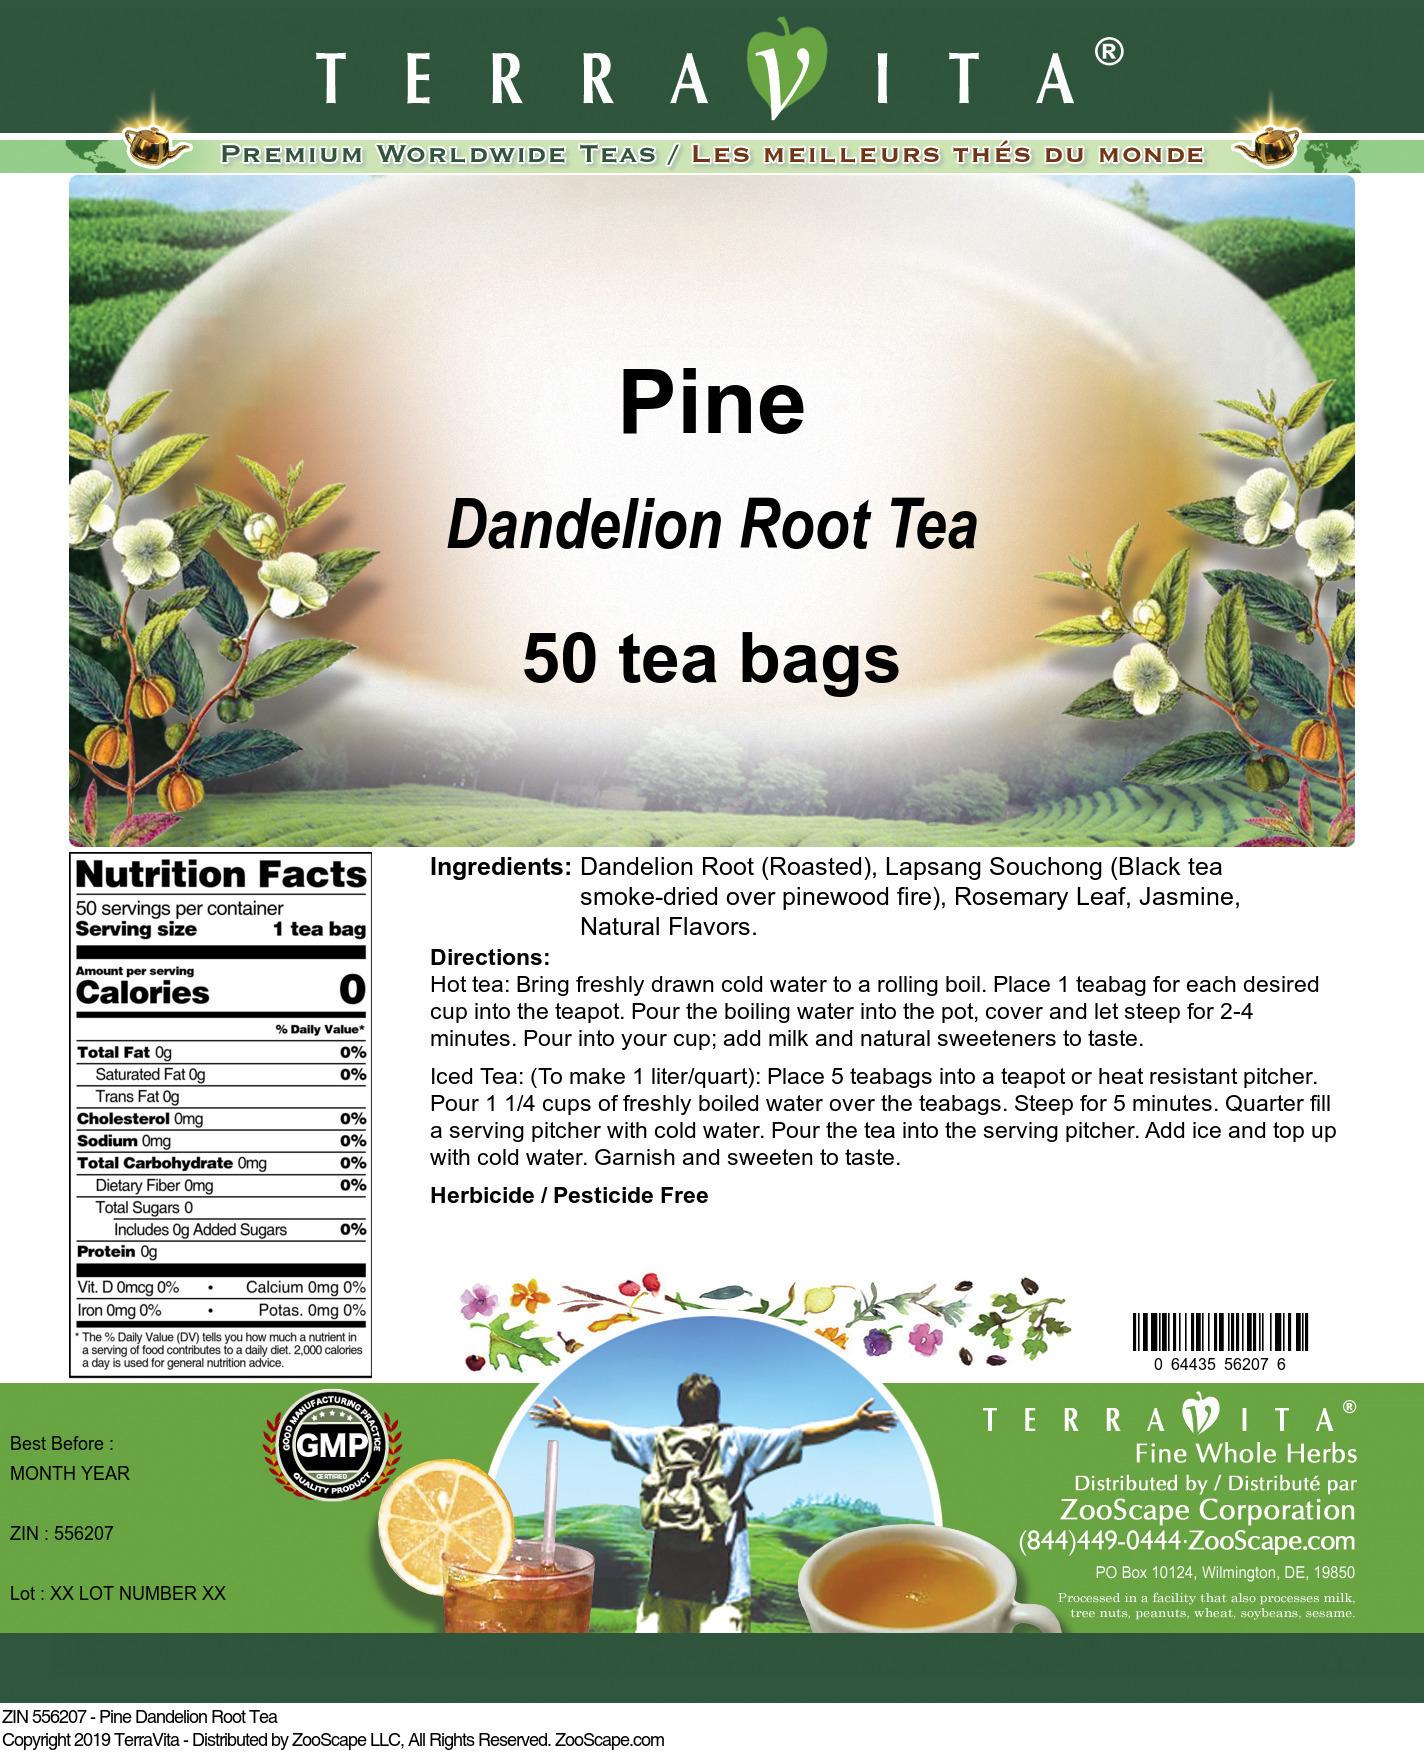 Pine Dandelion Root Tea